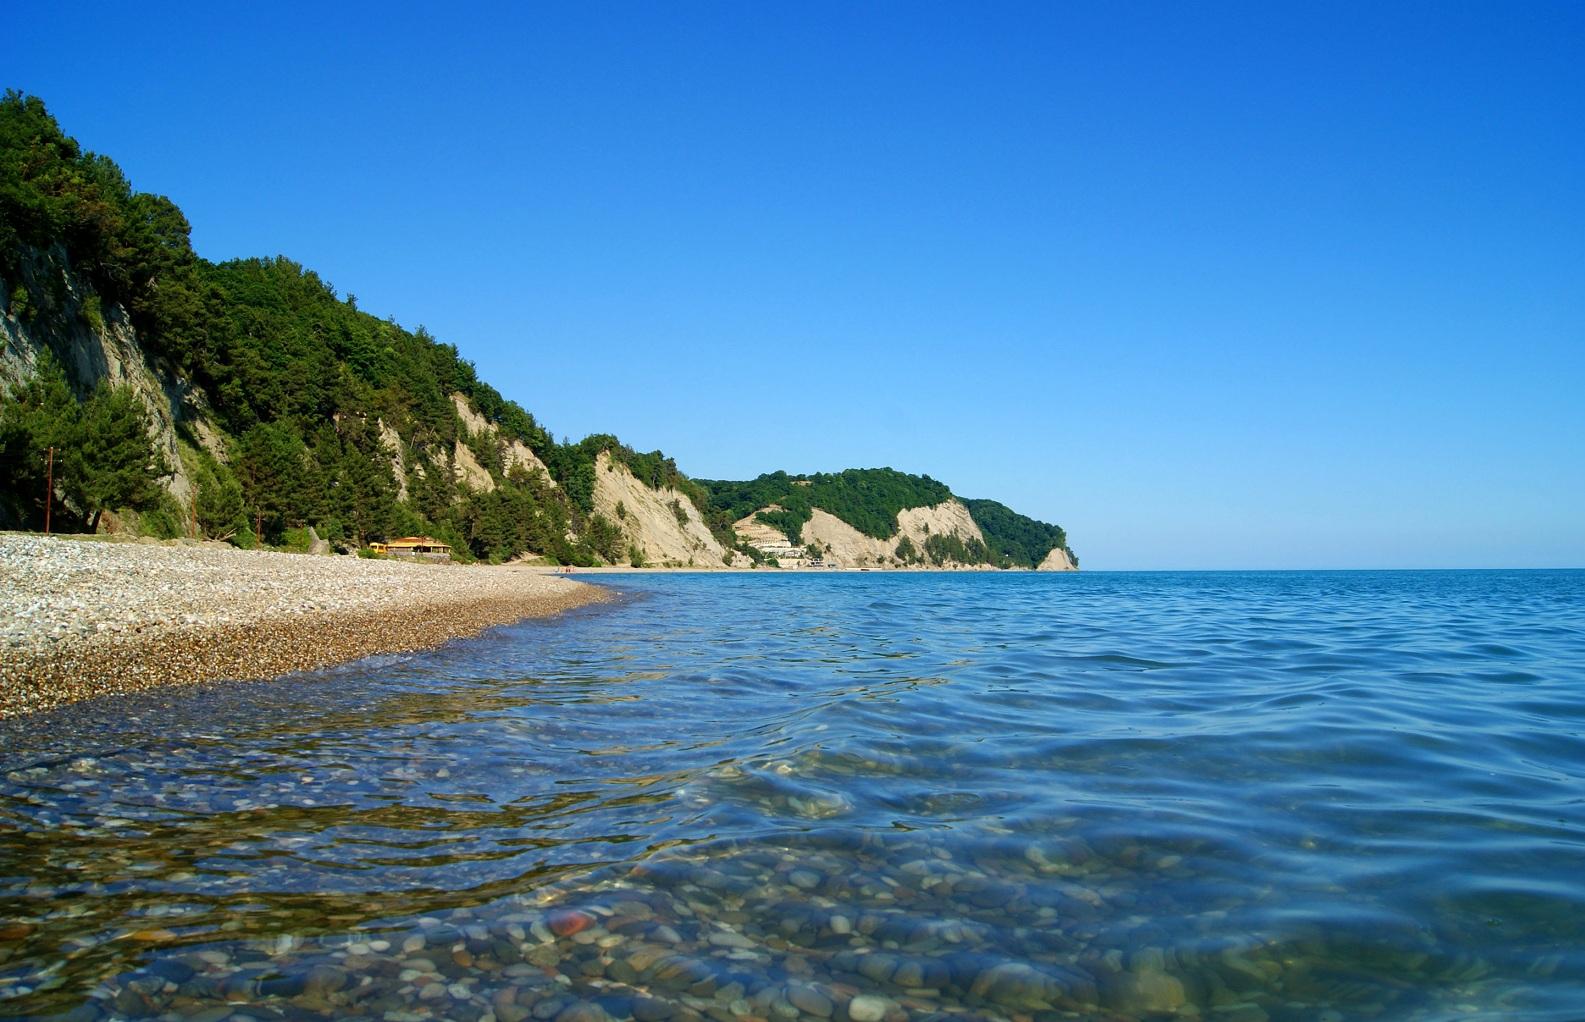 представлено большое лдзаа пляж в абхазии фото раскладываем полу, отделяя